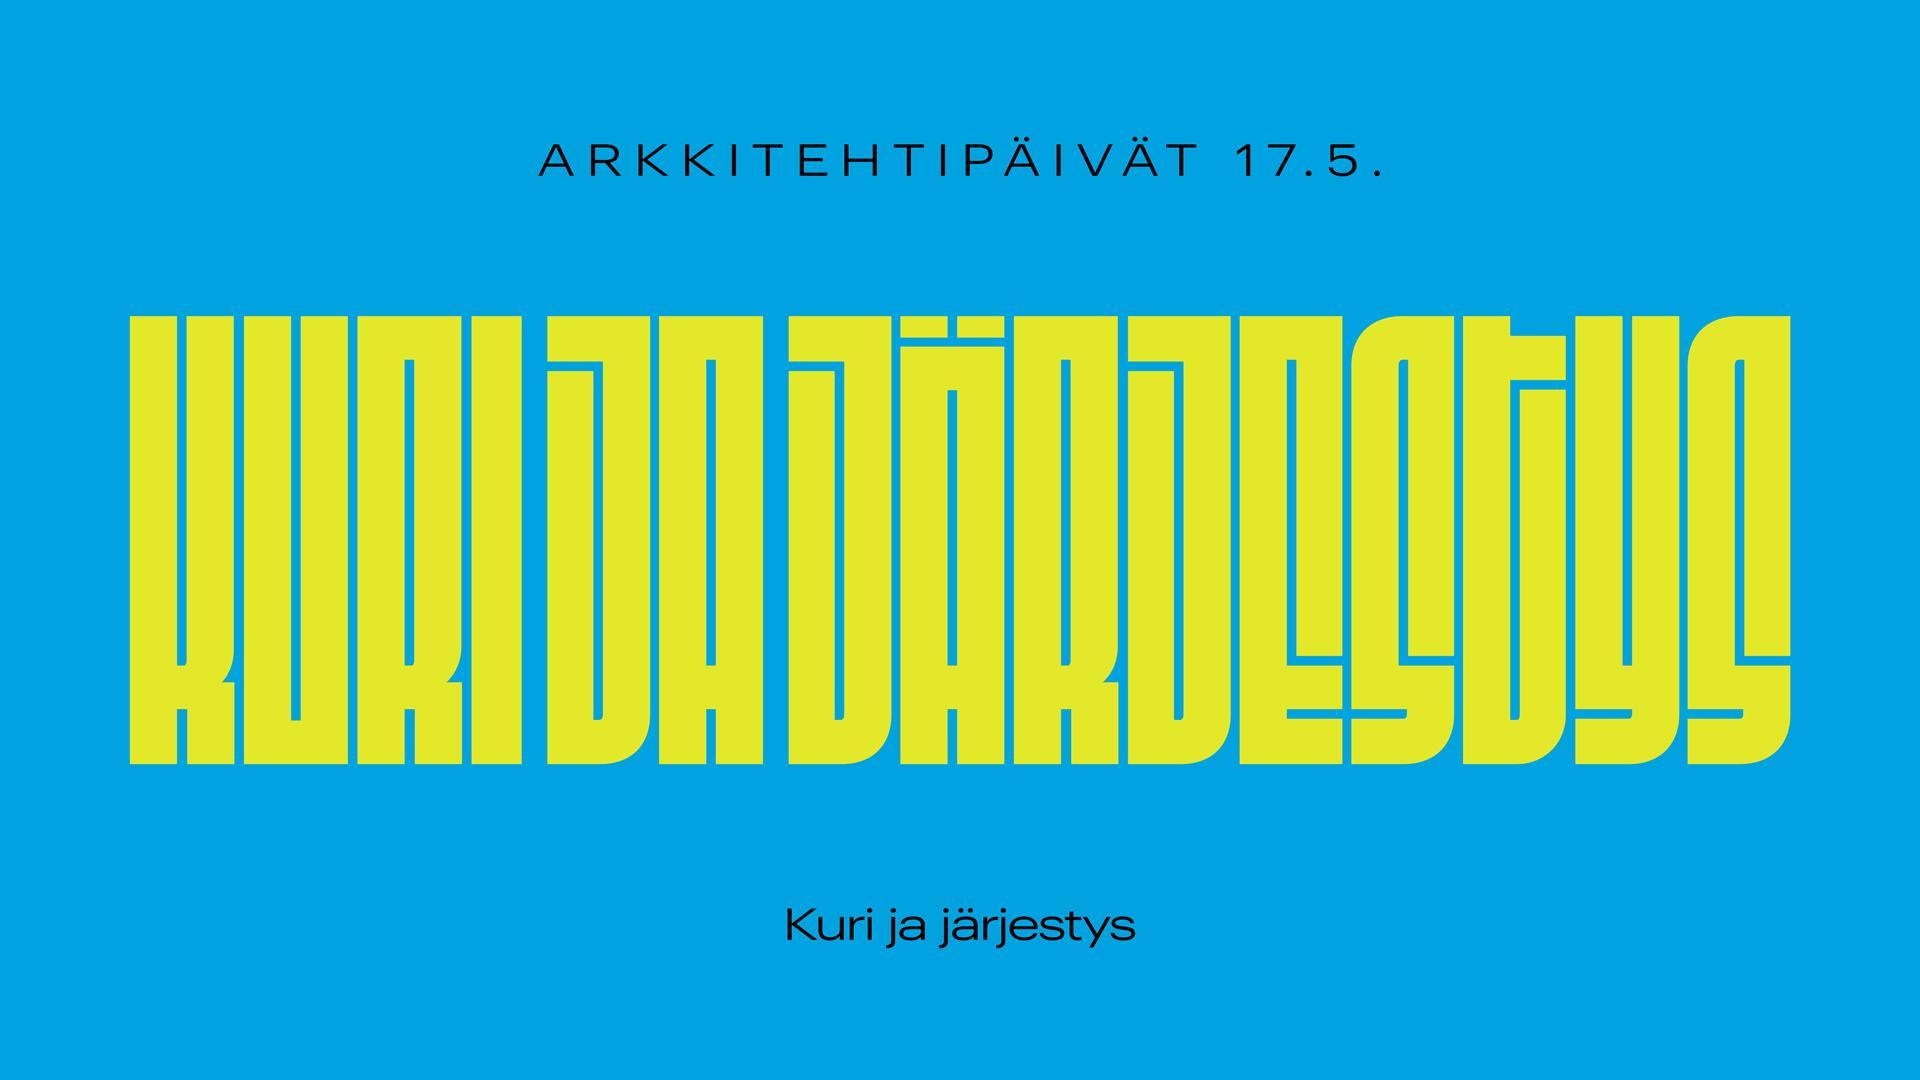 arkkitehtipaivat-2019